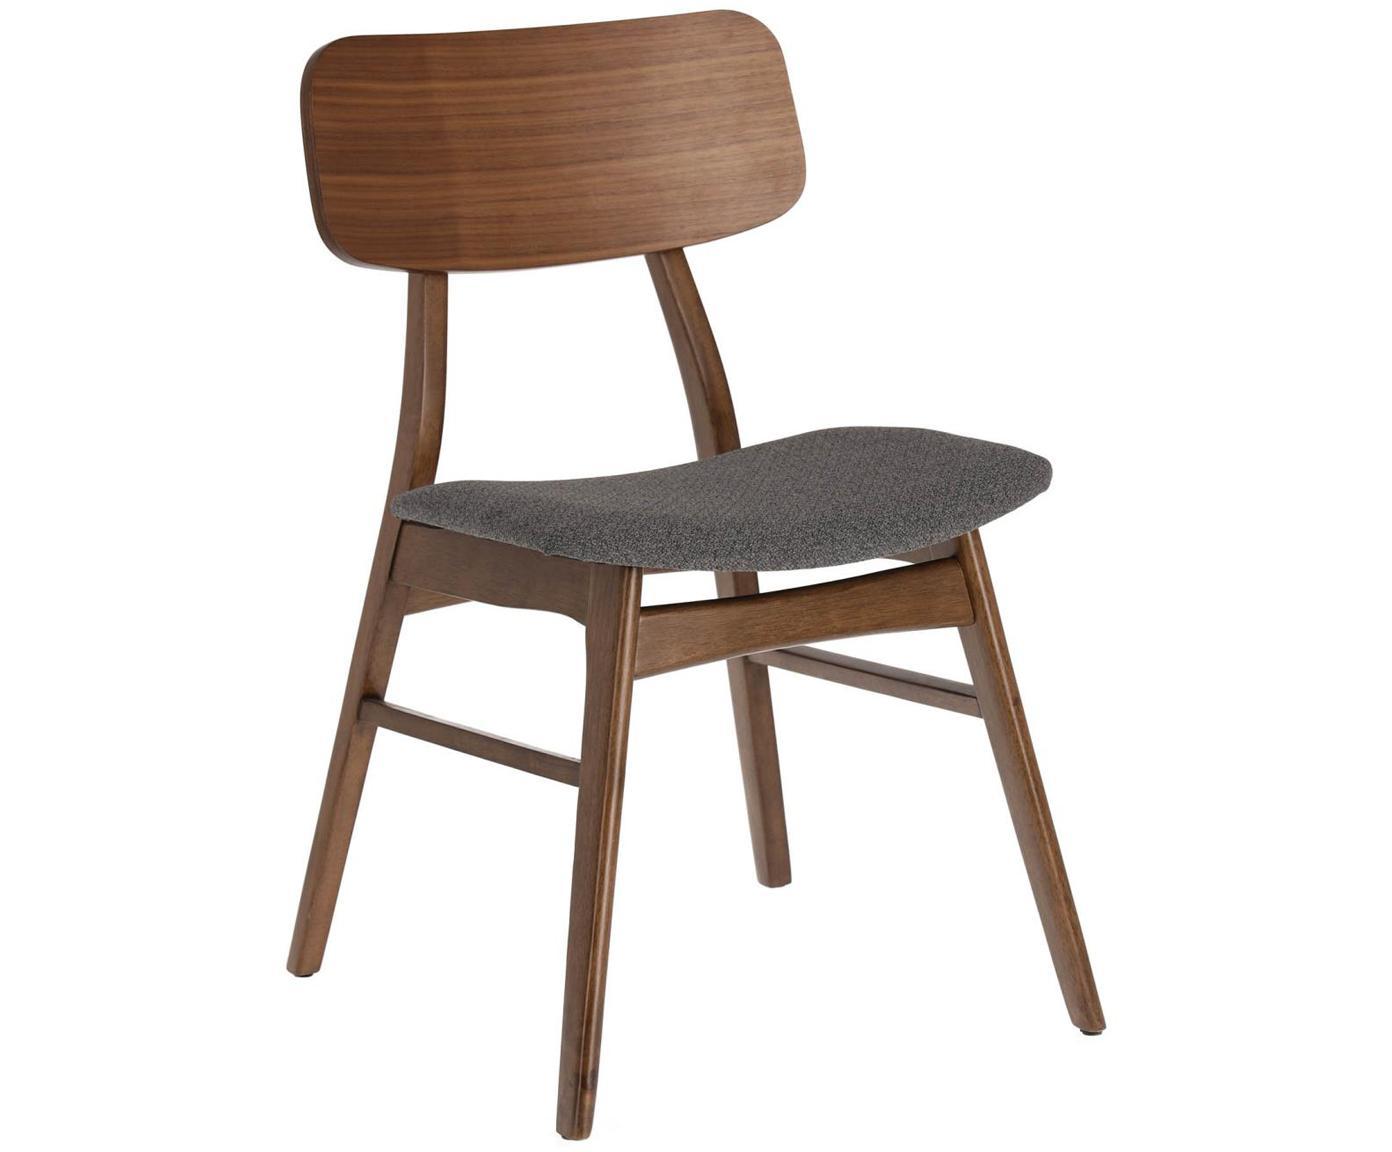 Sedia in legno Selia 2 pz, Struttura: massiccio legno di caucci, Rivestimento: poliestere, Grigio scuro, noce, Larg. 48 x Prof. 53 cm